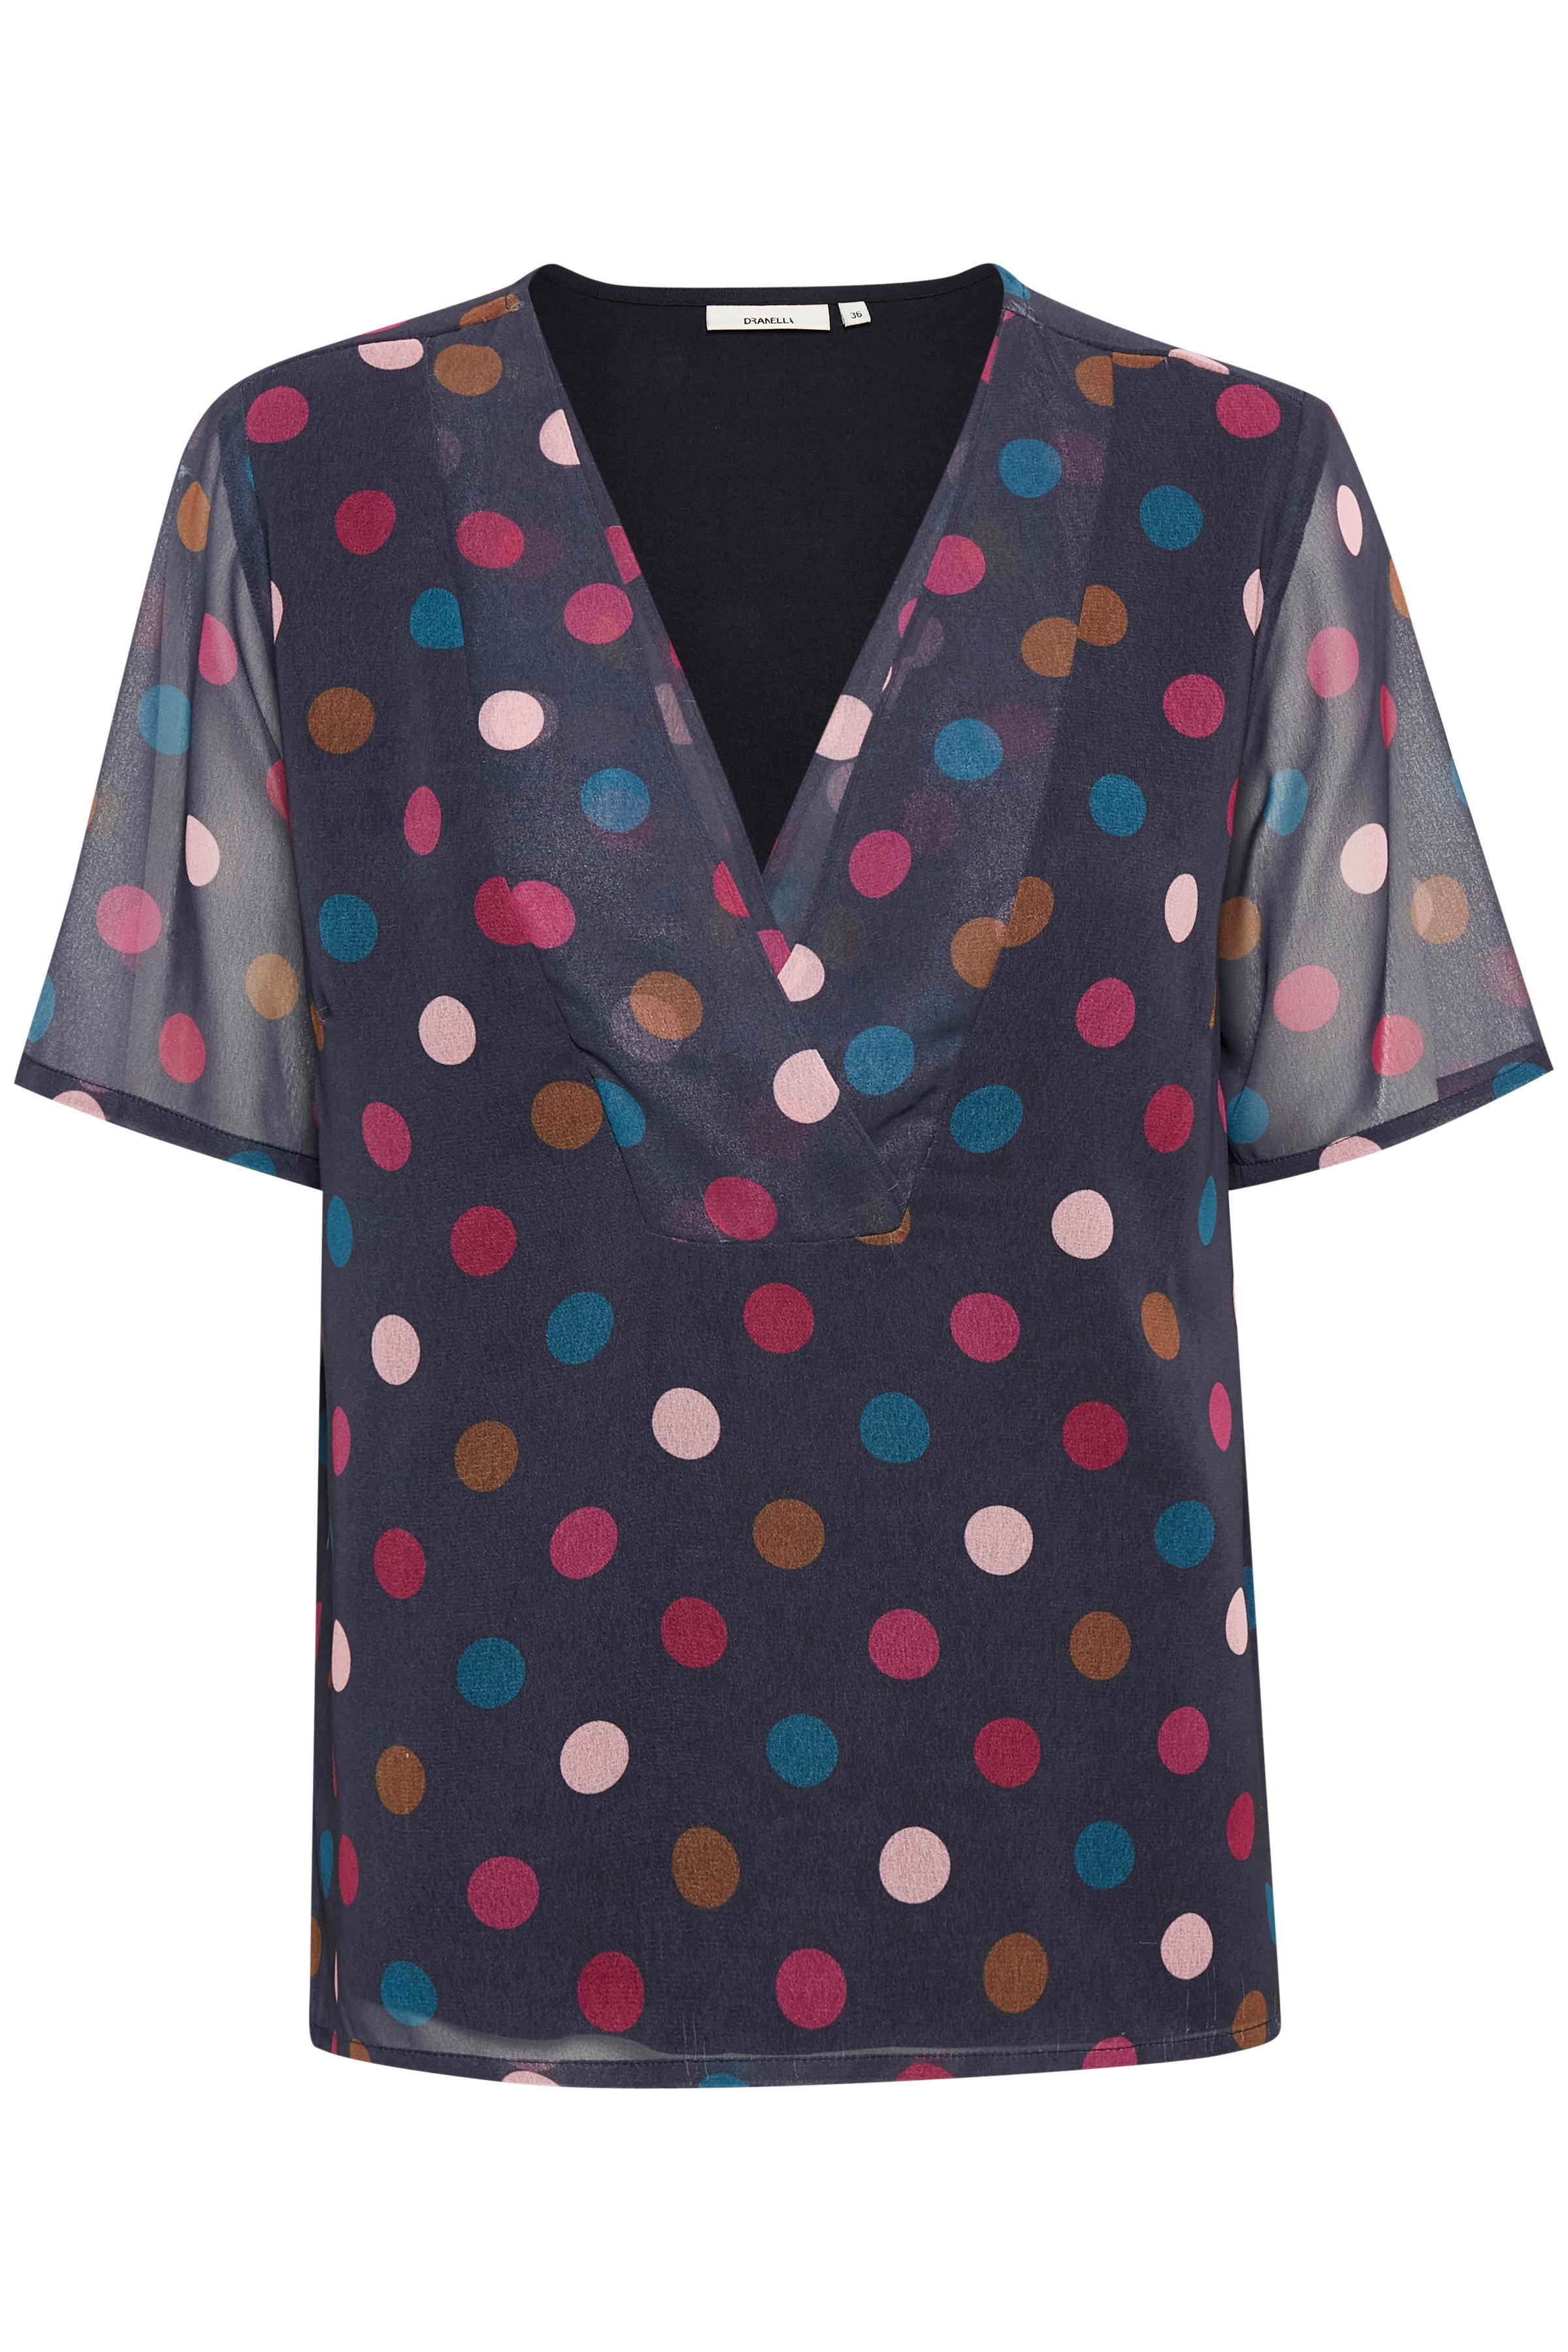 Dunkelblau/rot Kurzarm-Bluse von Dranella – Shoppen Sie Dunkelblau/rot Kurzarm-Bluse ab Gr. 34-46 hier